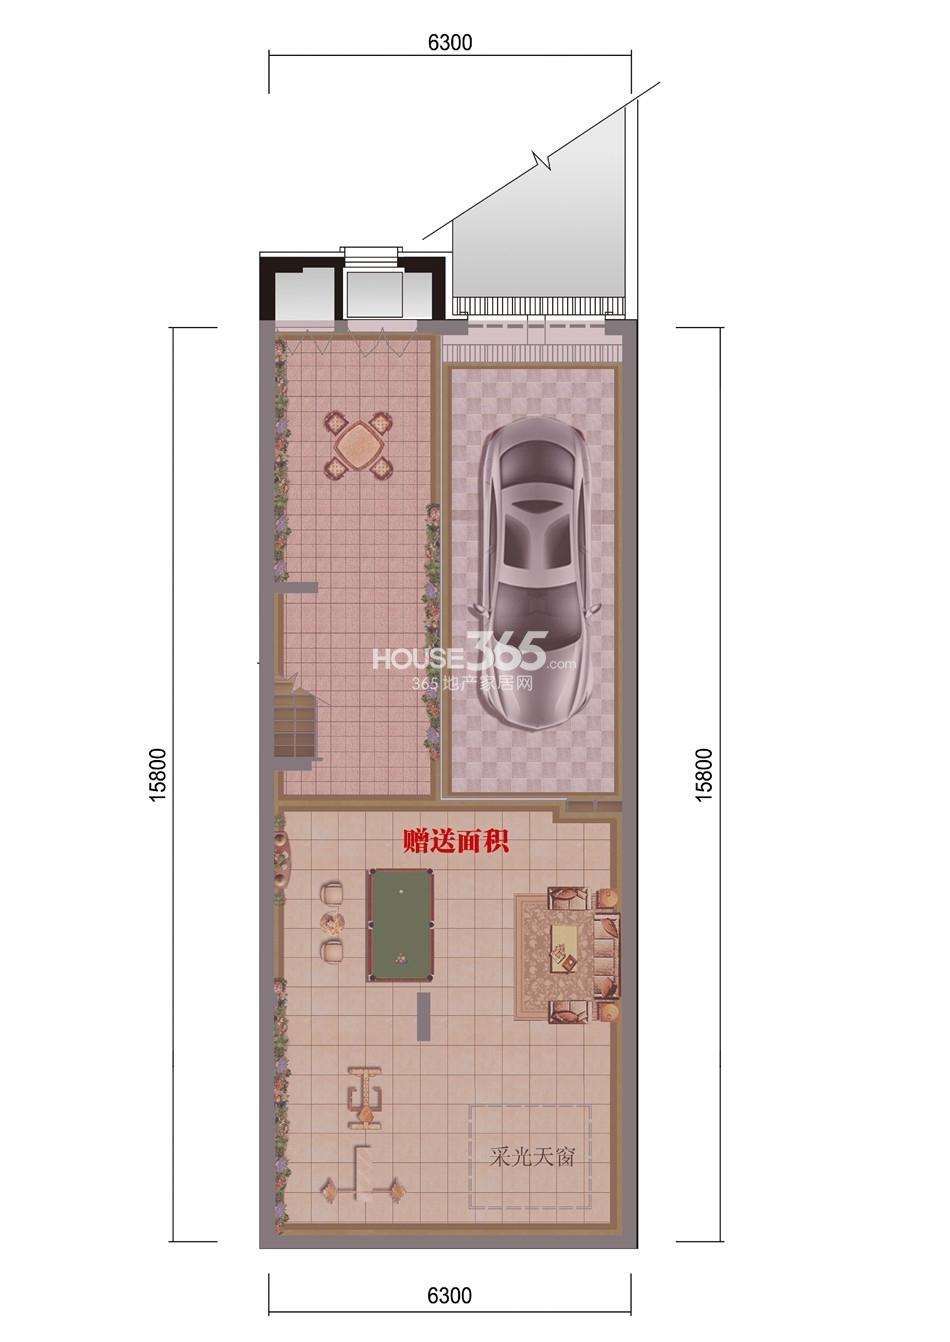 旭辉御府别墅178平米户型楼层图